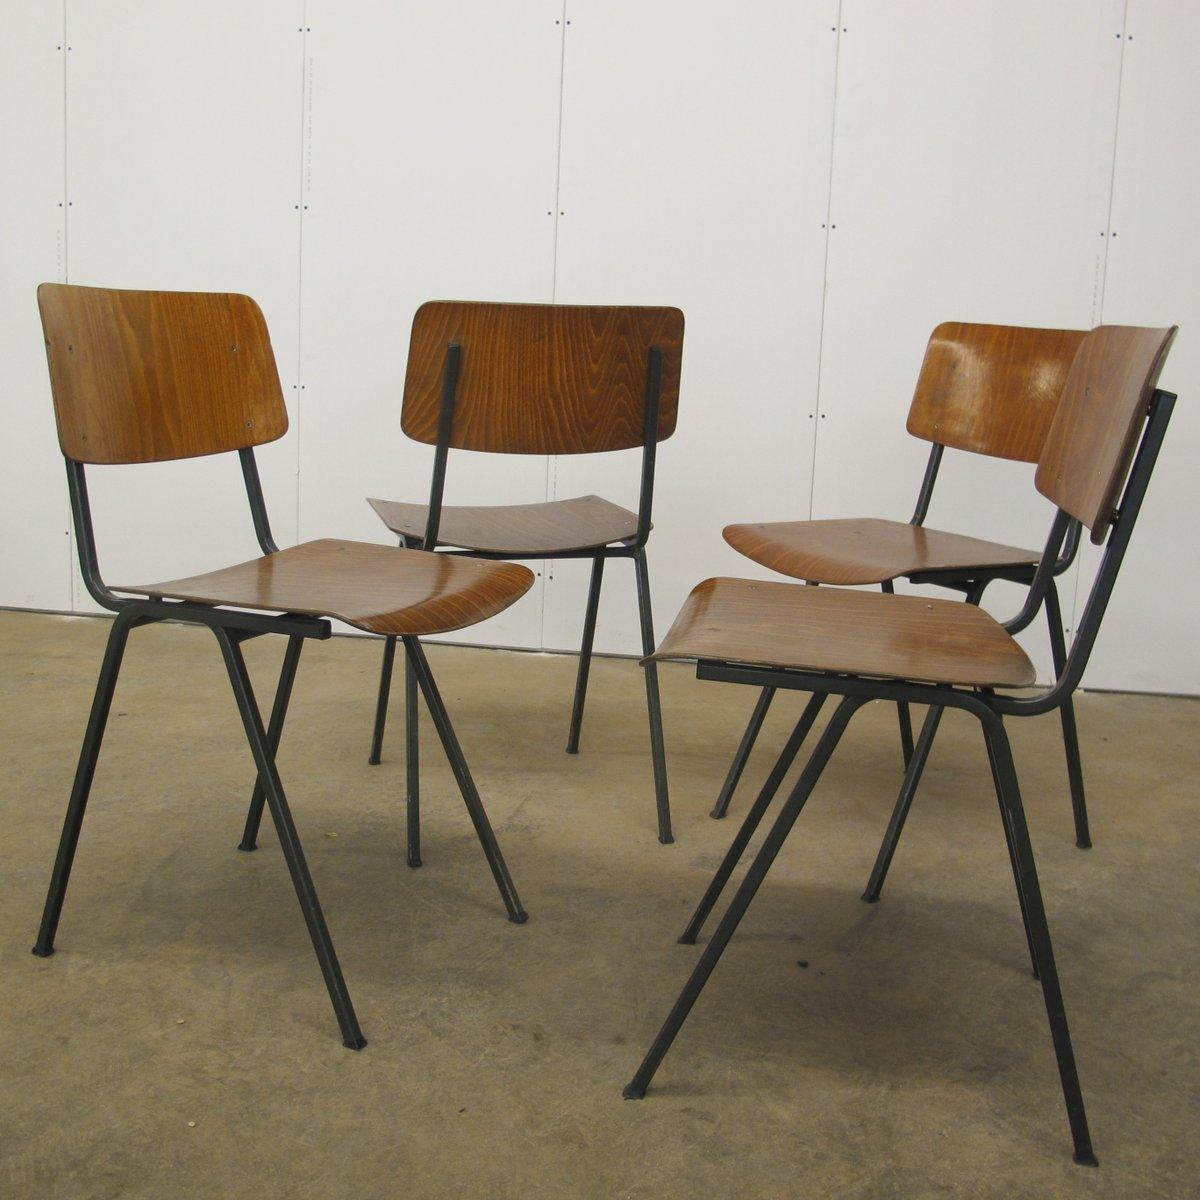 Vintage Stühle vintage stühle aus schichtholz stahl marko 1960er 4er set